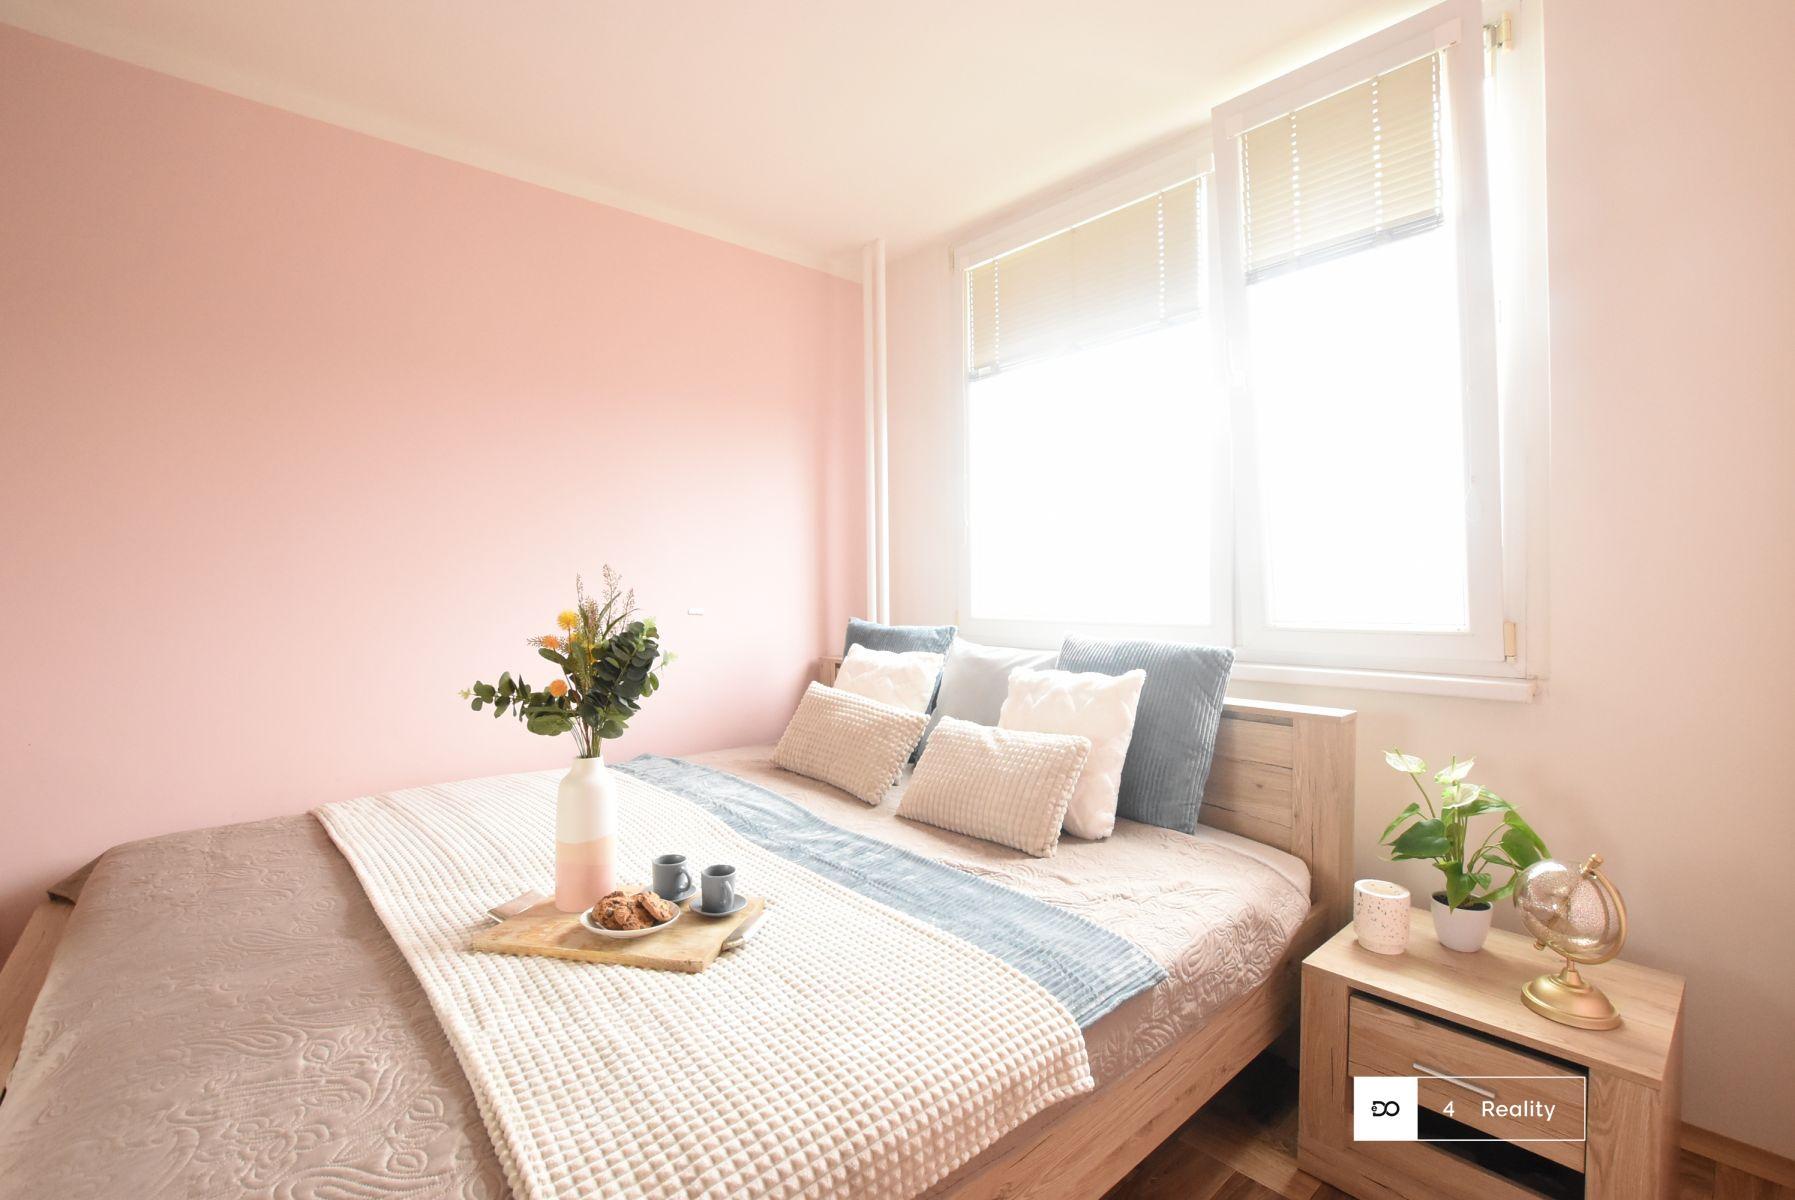 Prodej družstevního bytu 3+kk s lodžií v Jablonci nad Nisou - ulice Polní